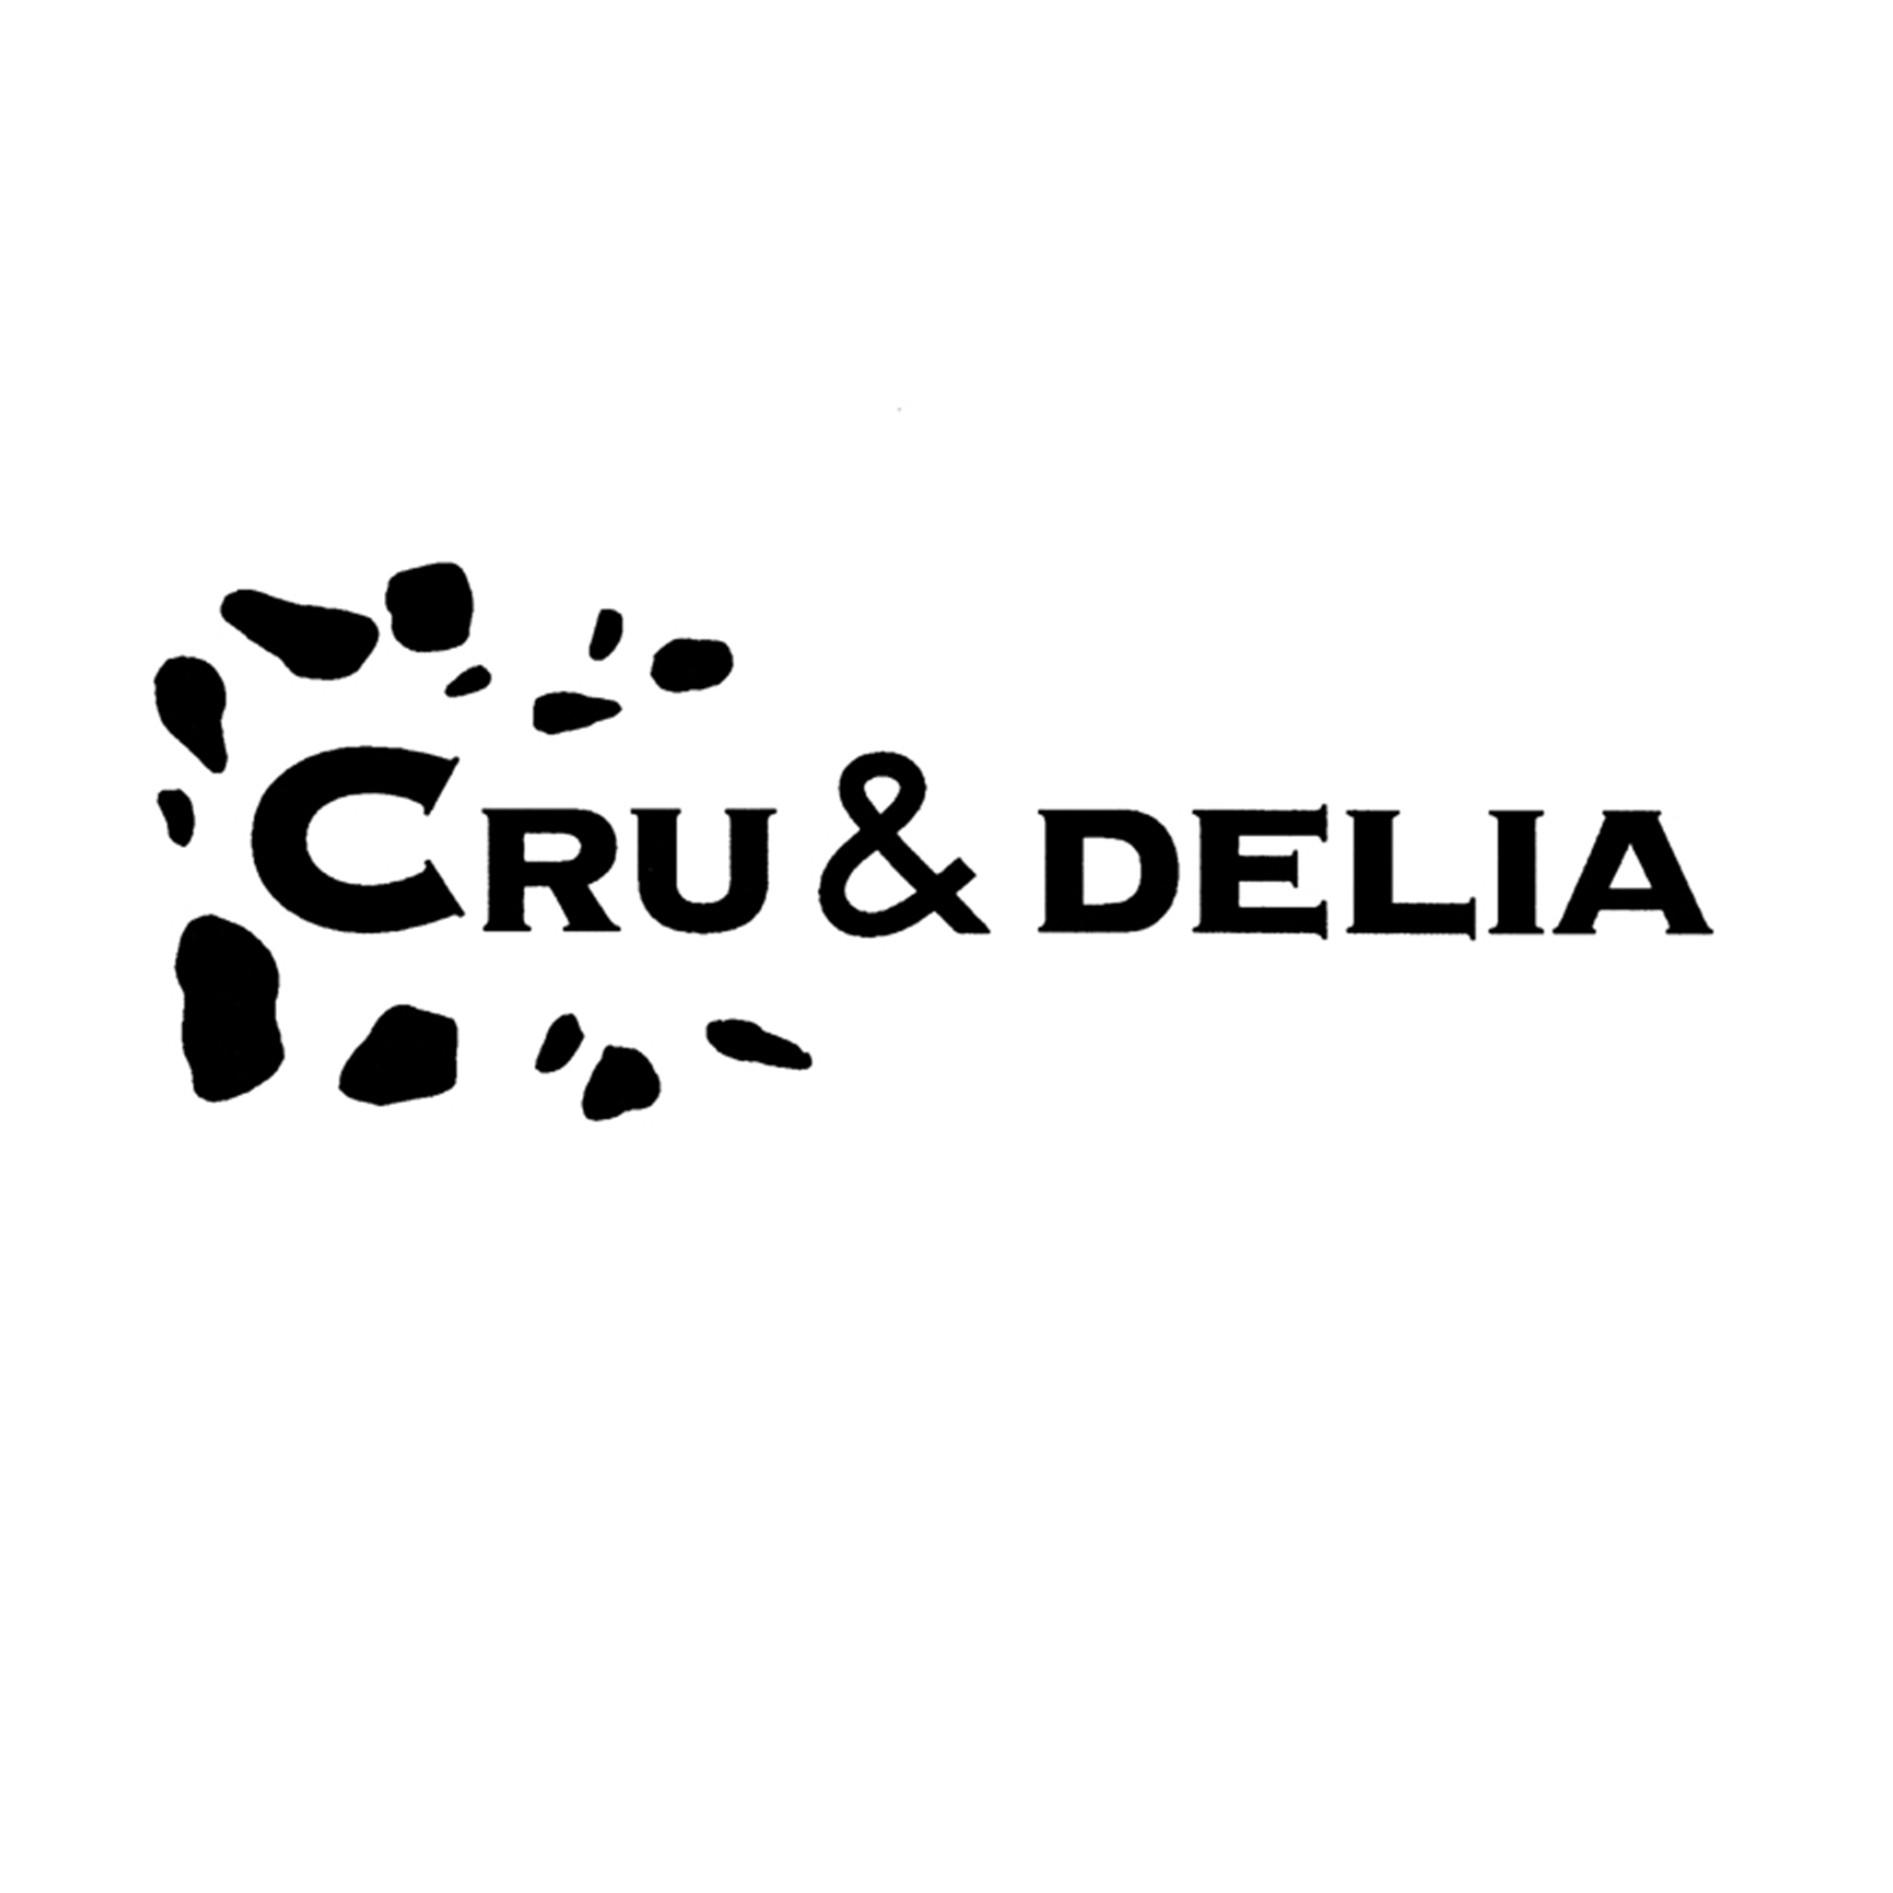 CRU & DELIA